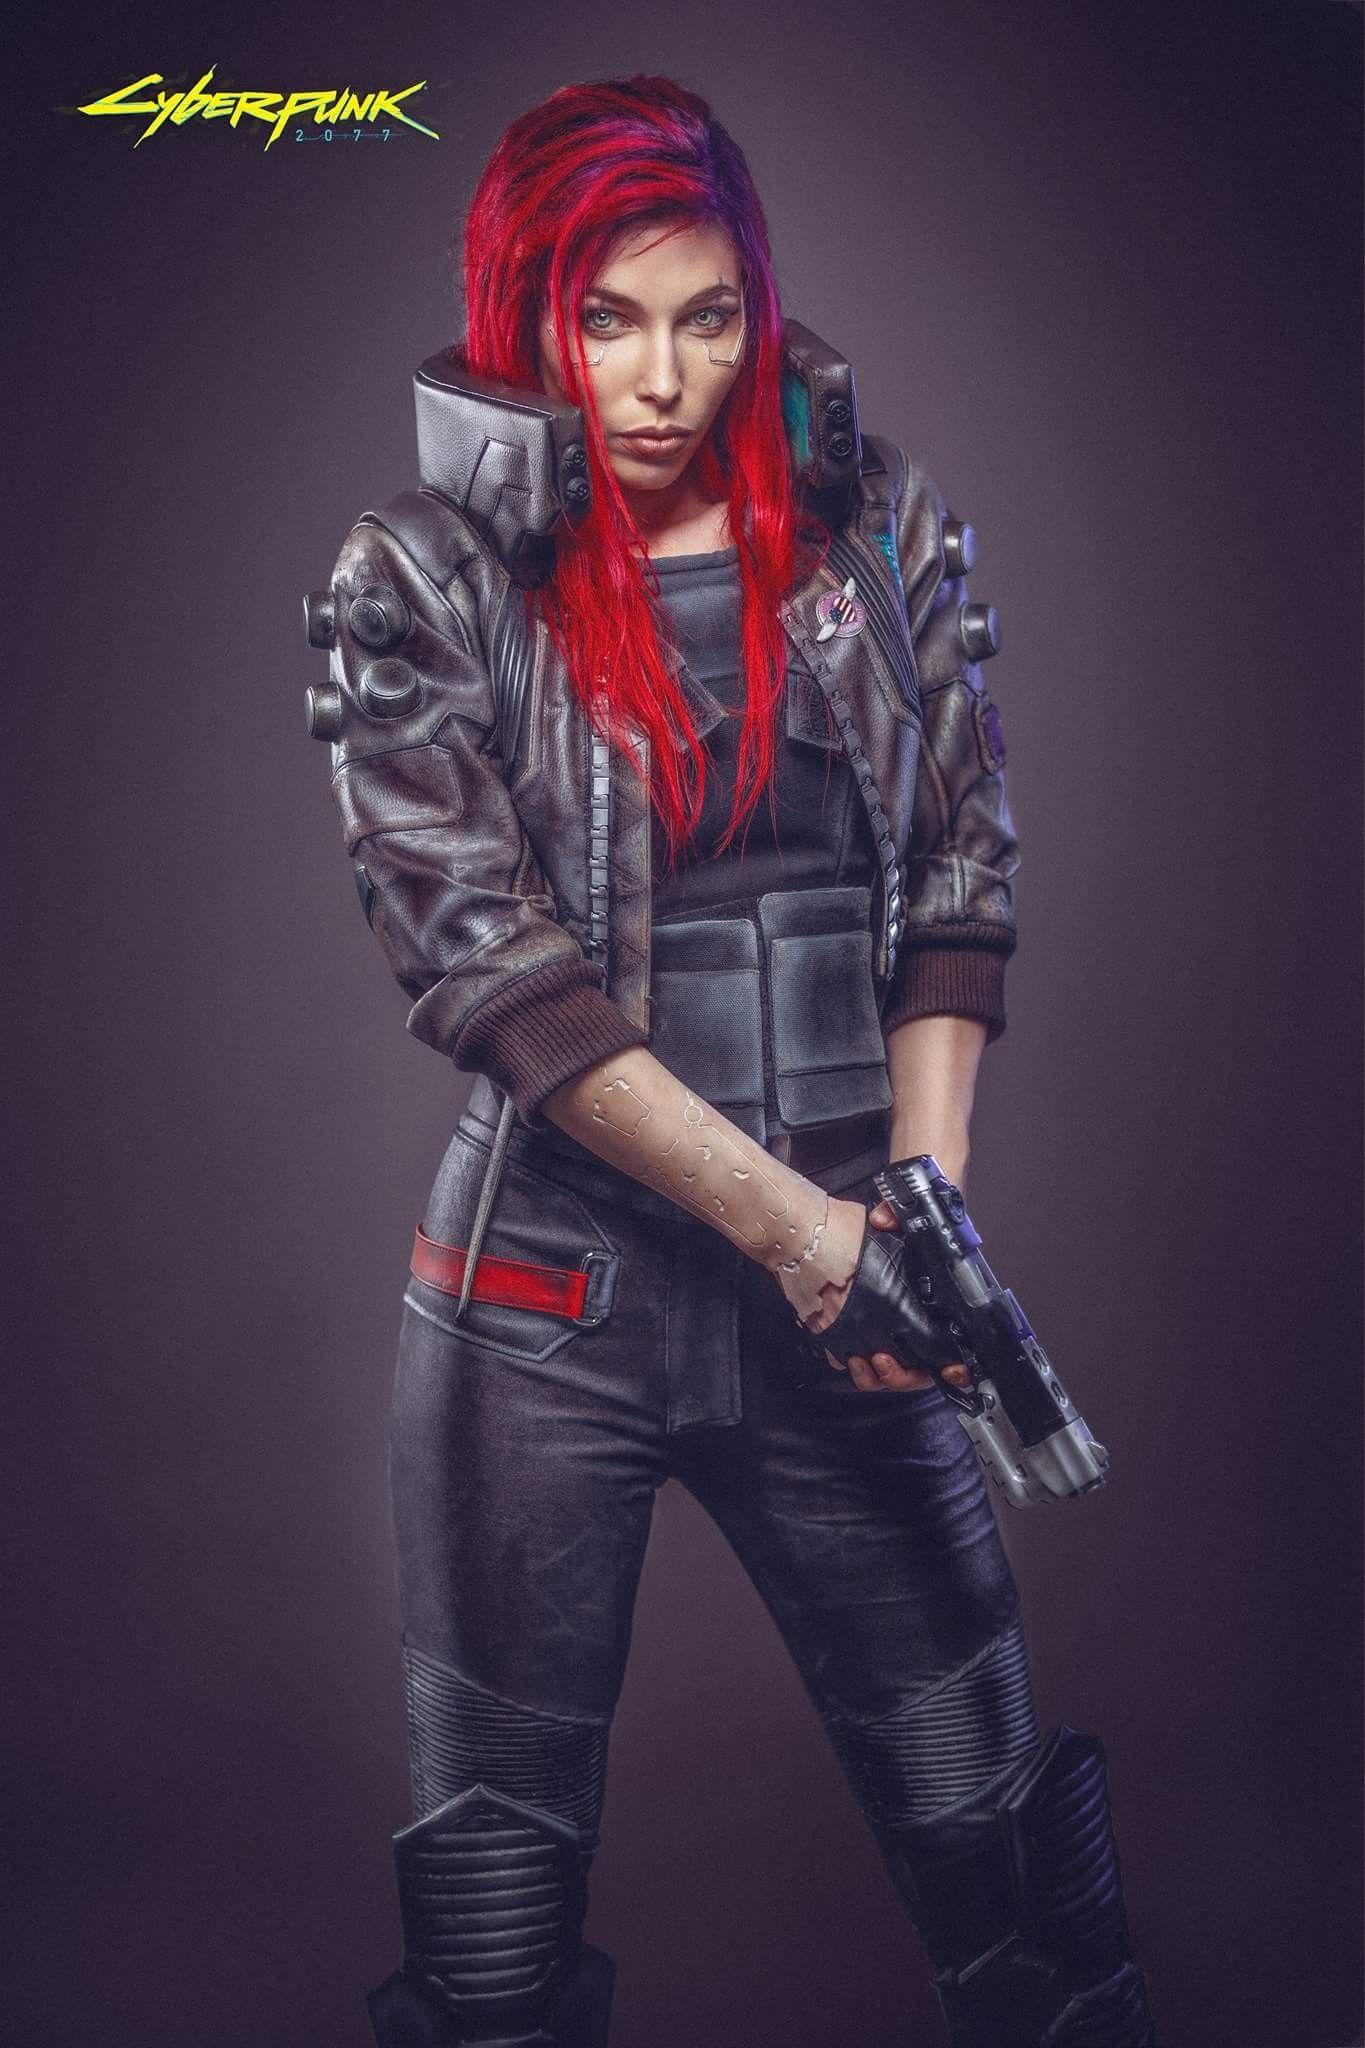 Cyberpunk 2077 Character Design